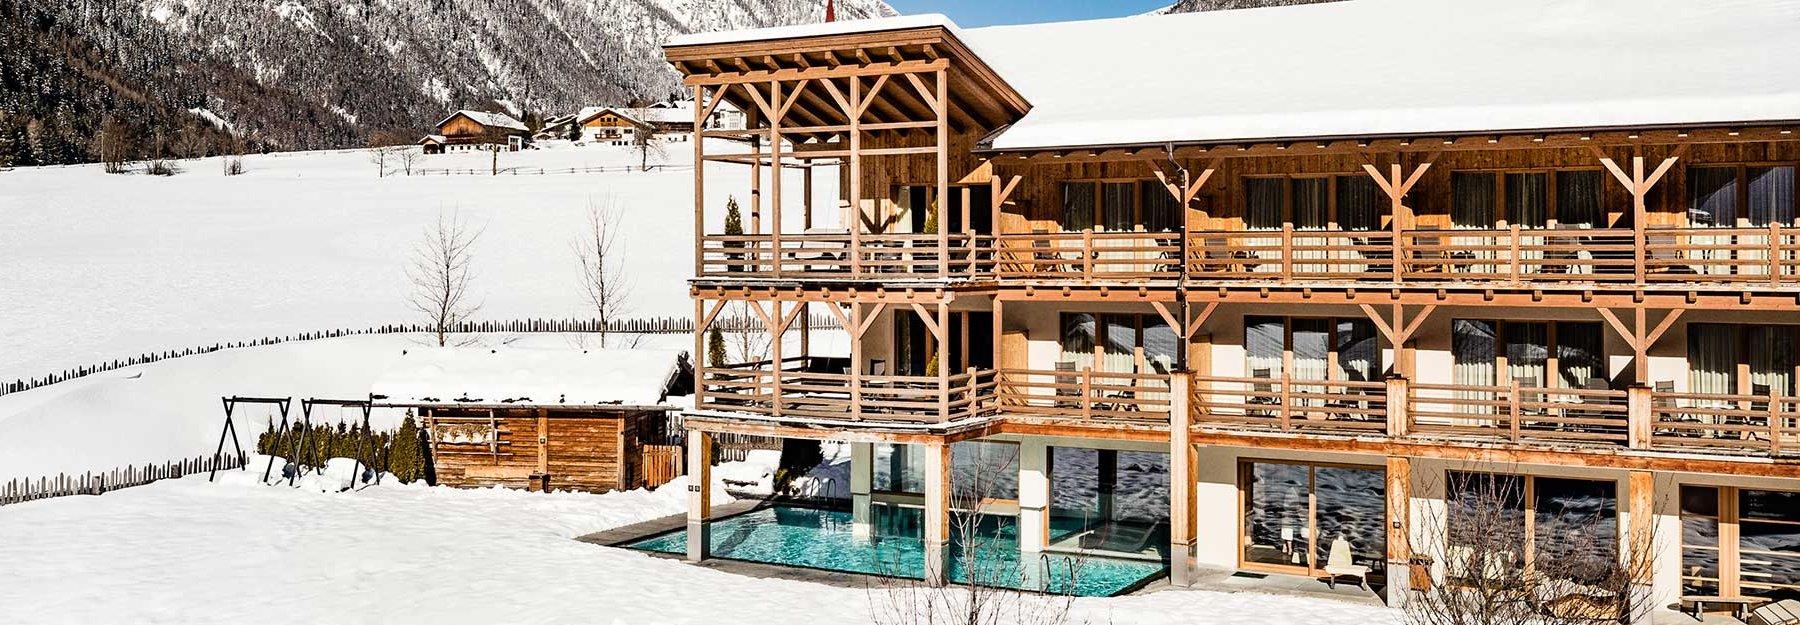 Alpin Hotel Masl Family Hotel A Valles In Val Pusteria Alto Adige Con Piscina E Attivita Per Bambini